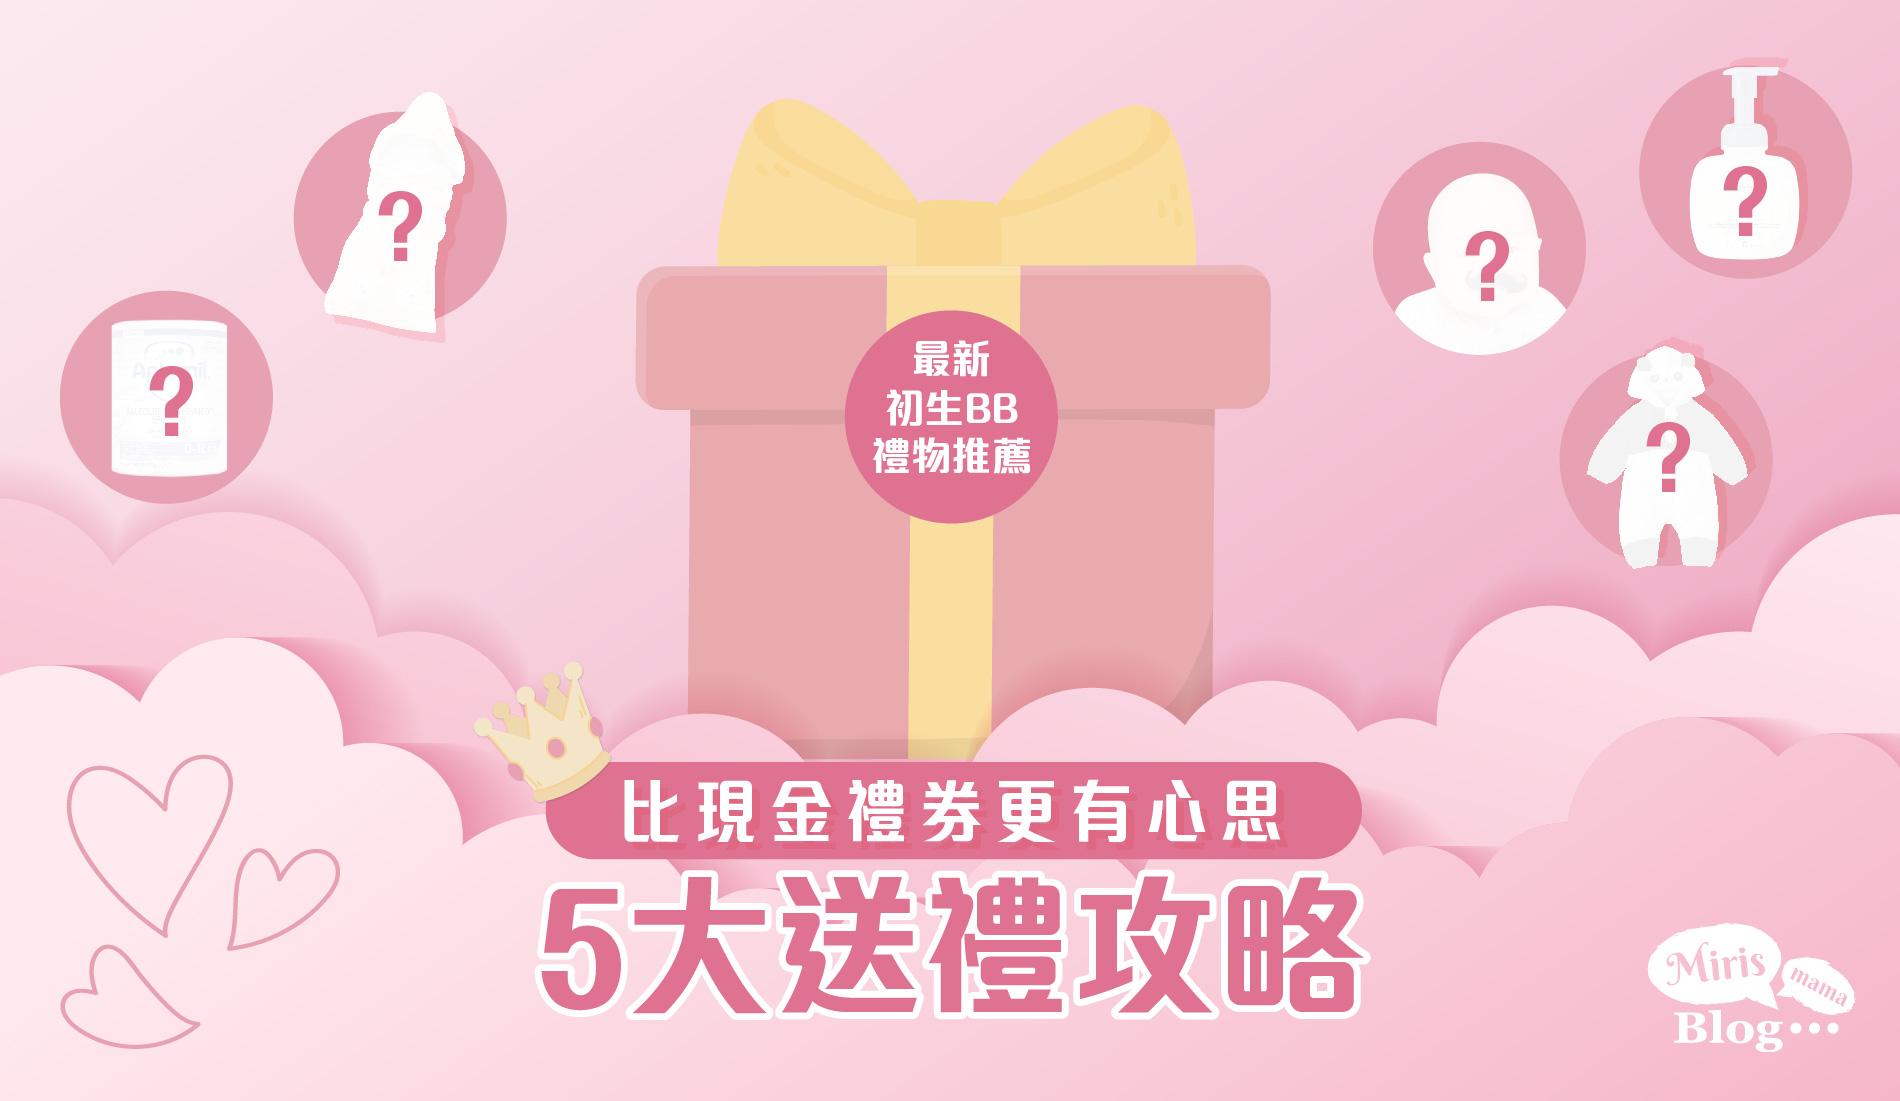 【2021年初生BB禮物推薦】比現金禮券更有心思的5大送禮攻略